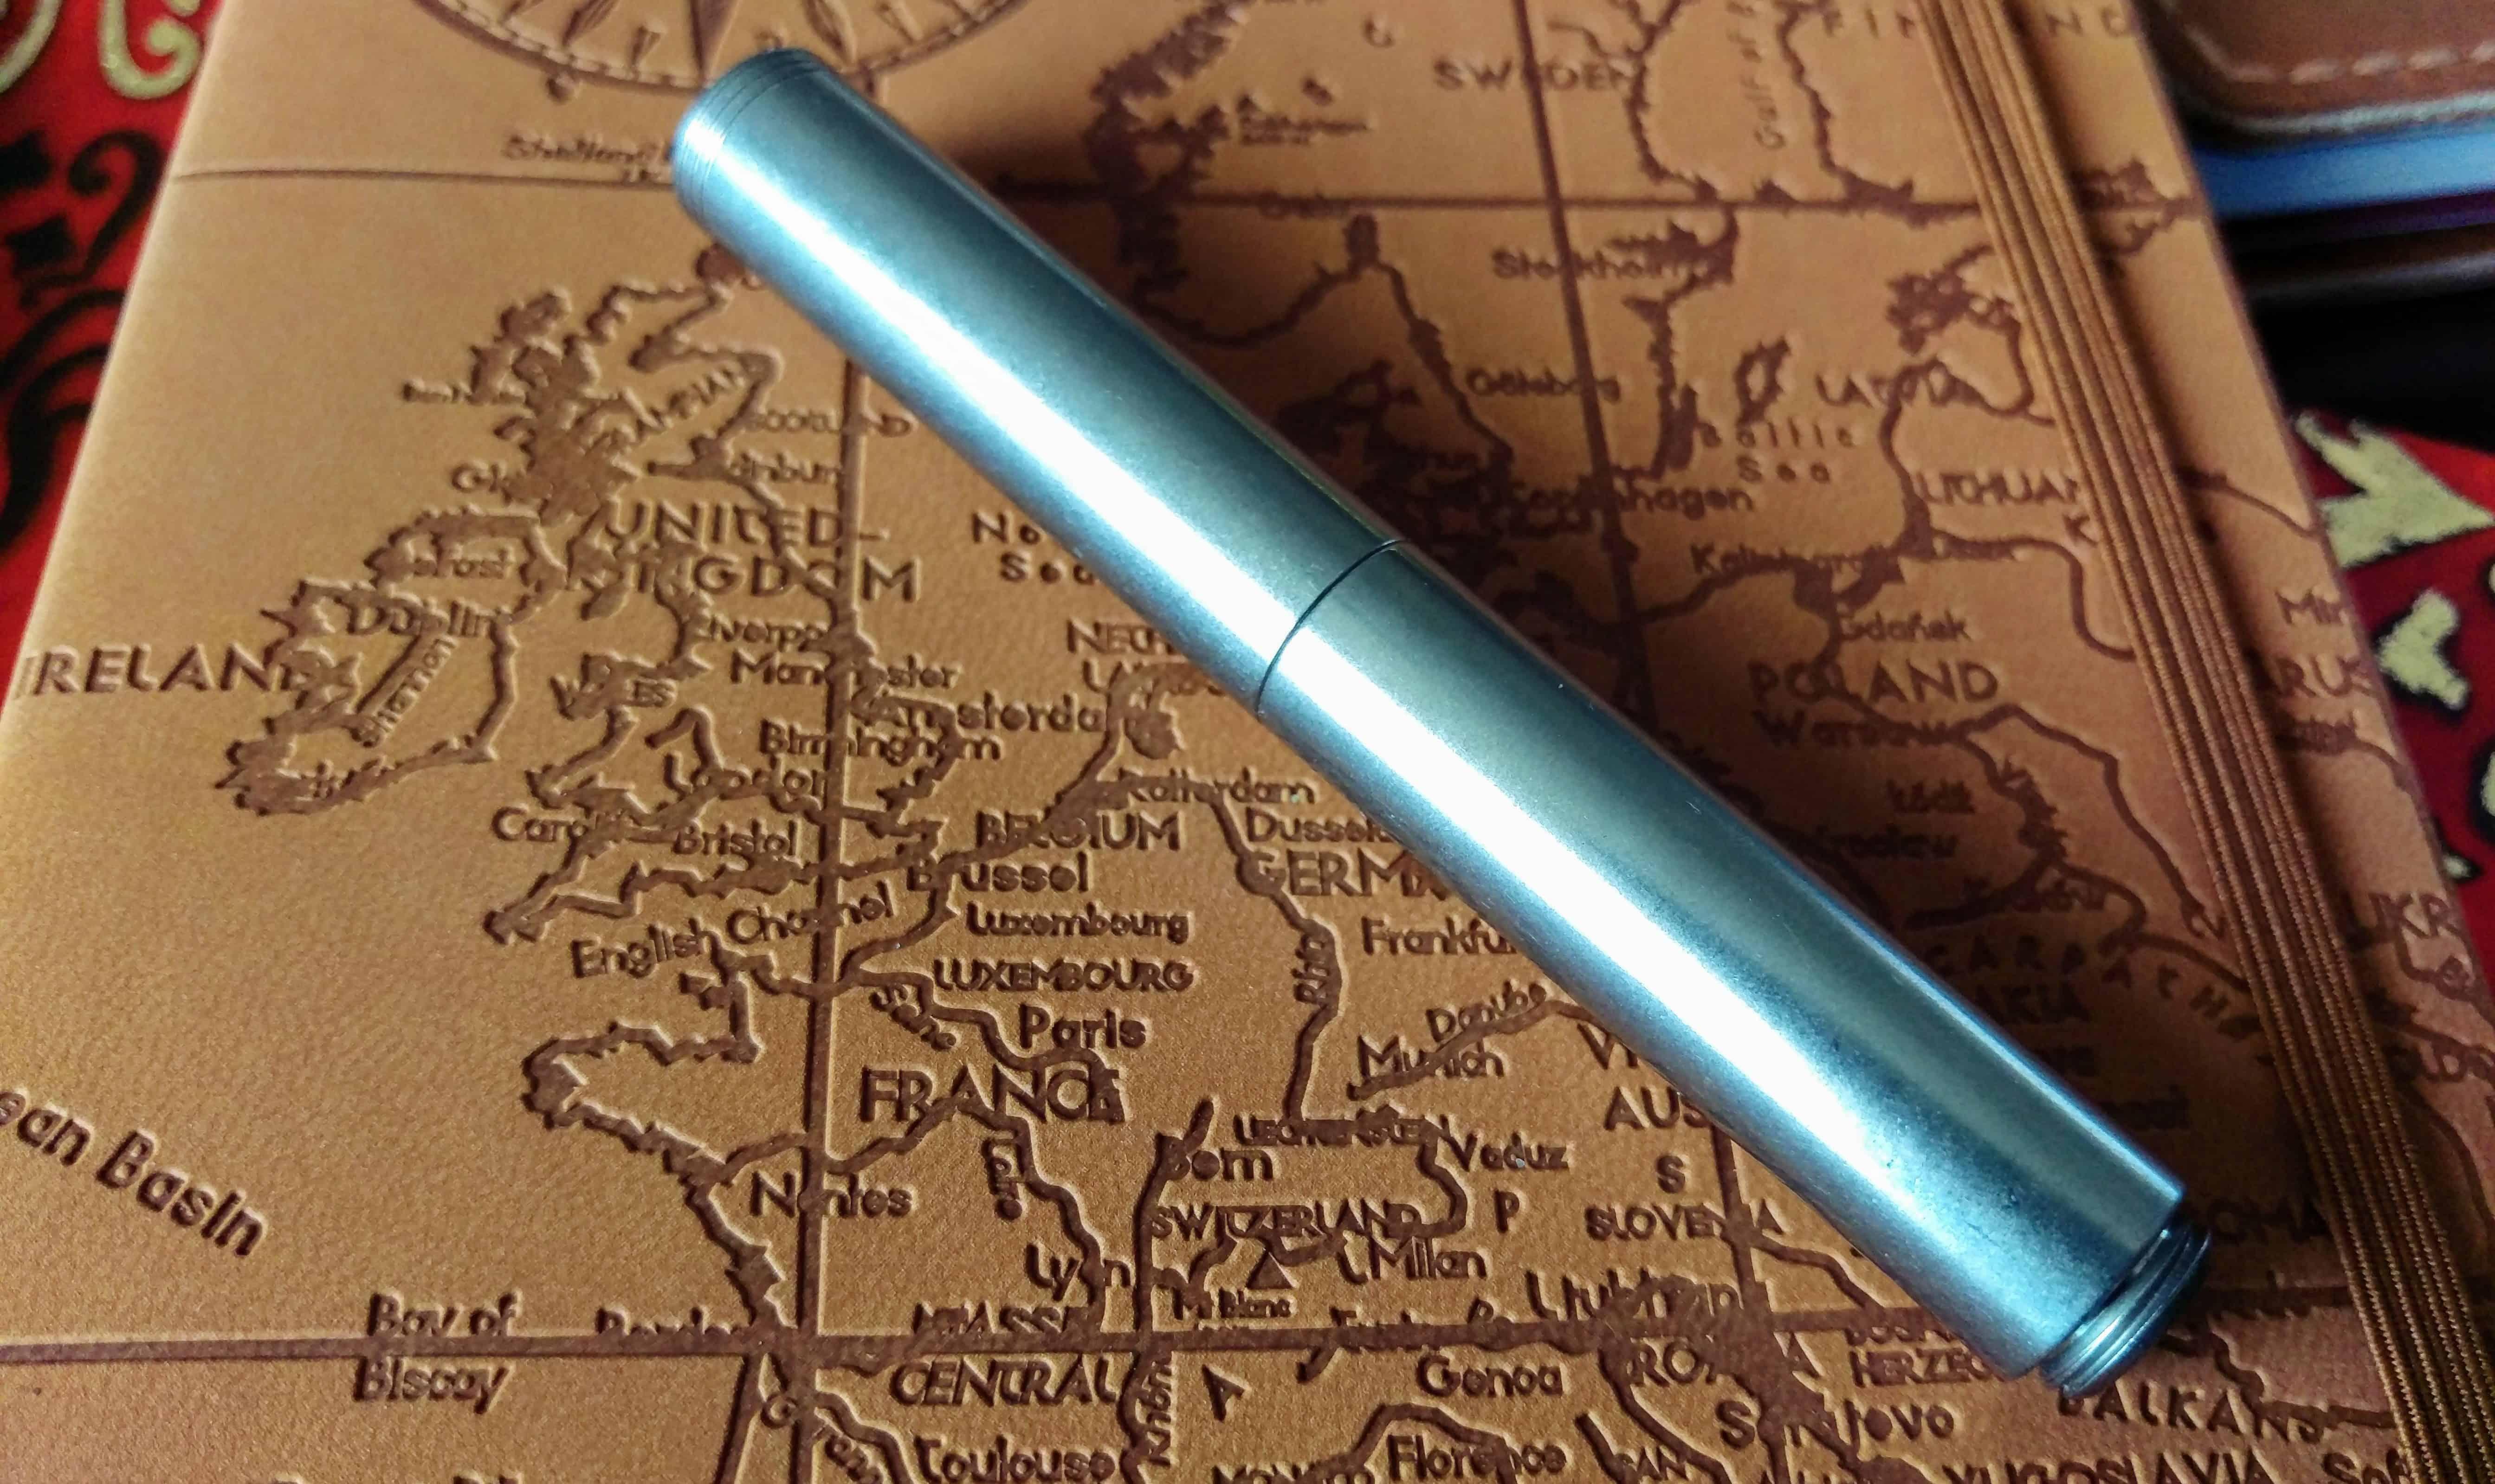 Ian Schon EDC Pen